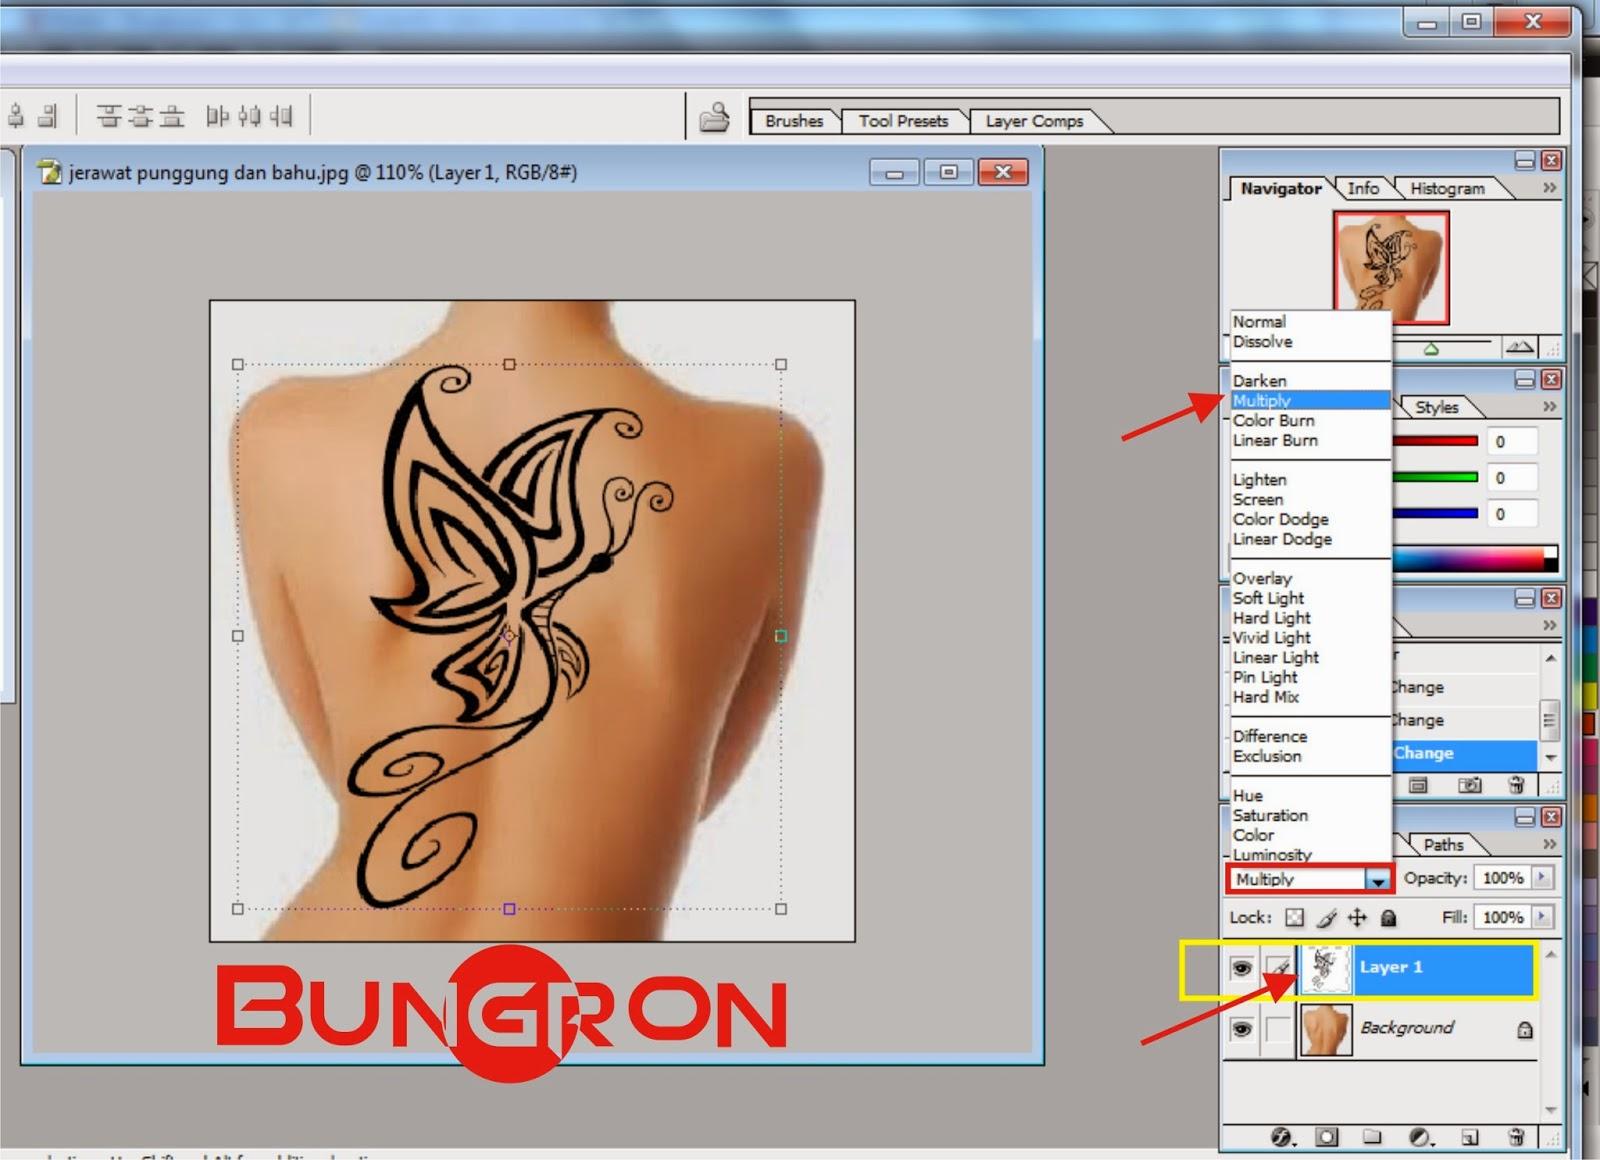 Cara Membuat Tato Permanen Di Punggung Dengan Photoshop